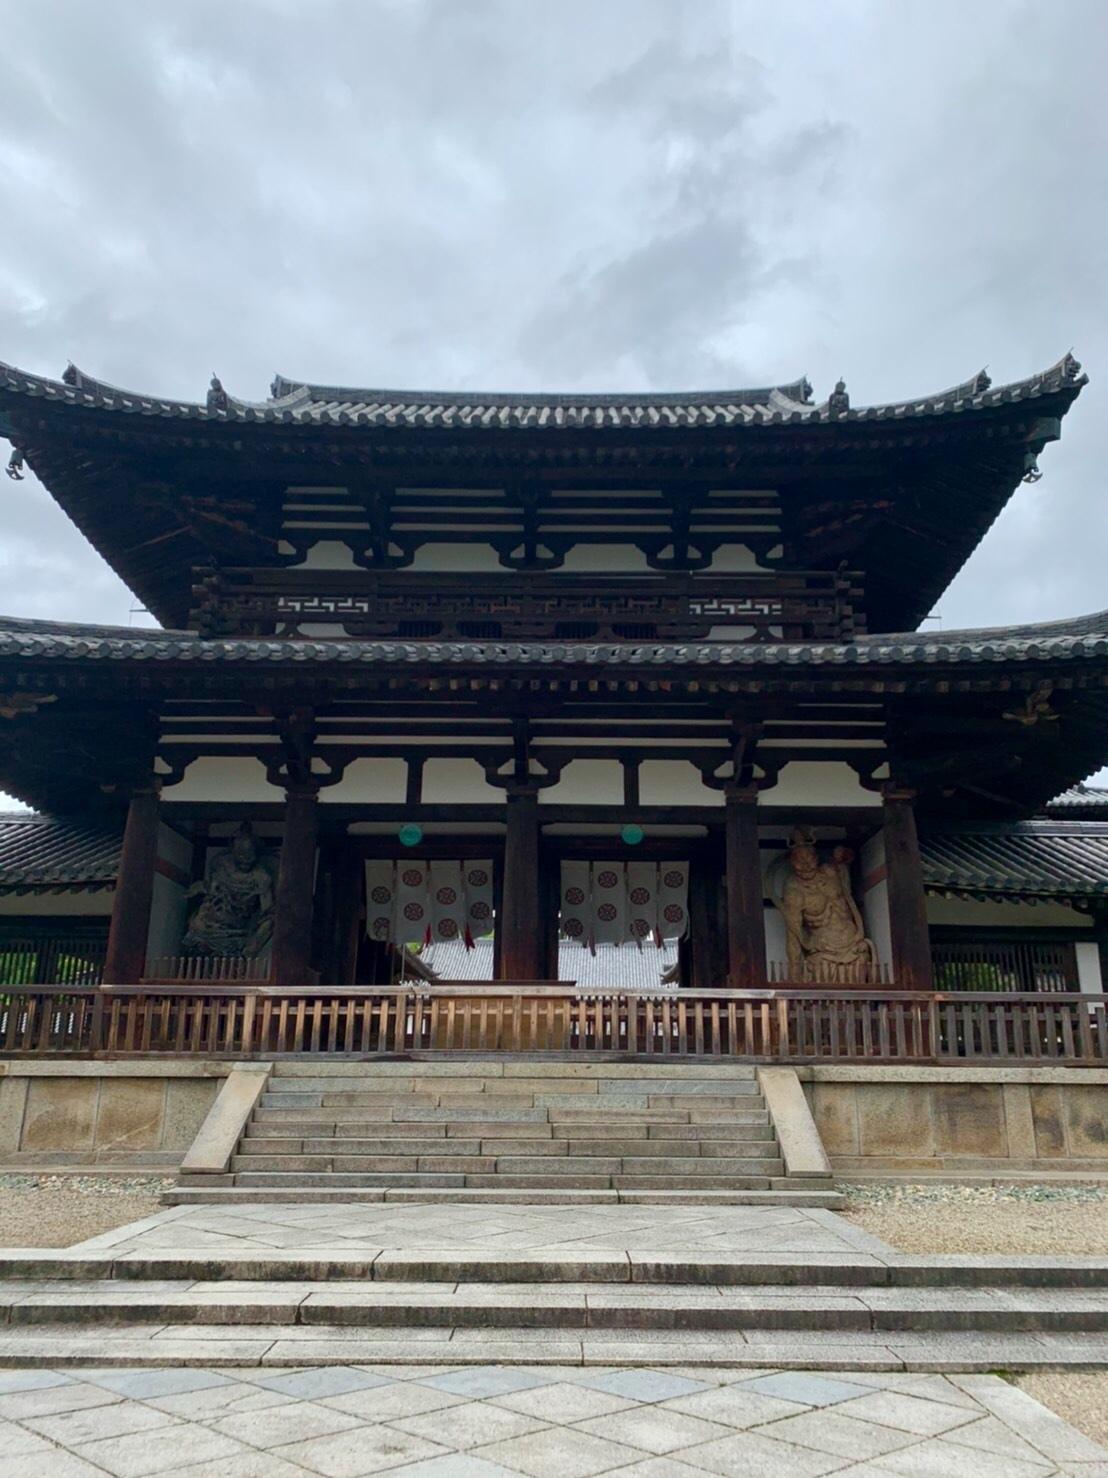 法隆寺と薬師寺と柿の葉寿司_a0258686_08212349.jpeg